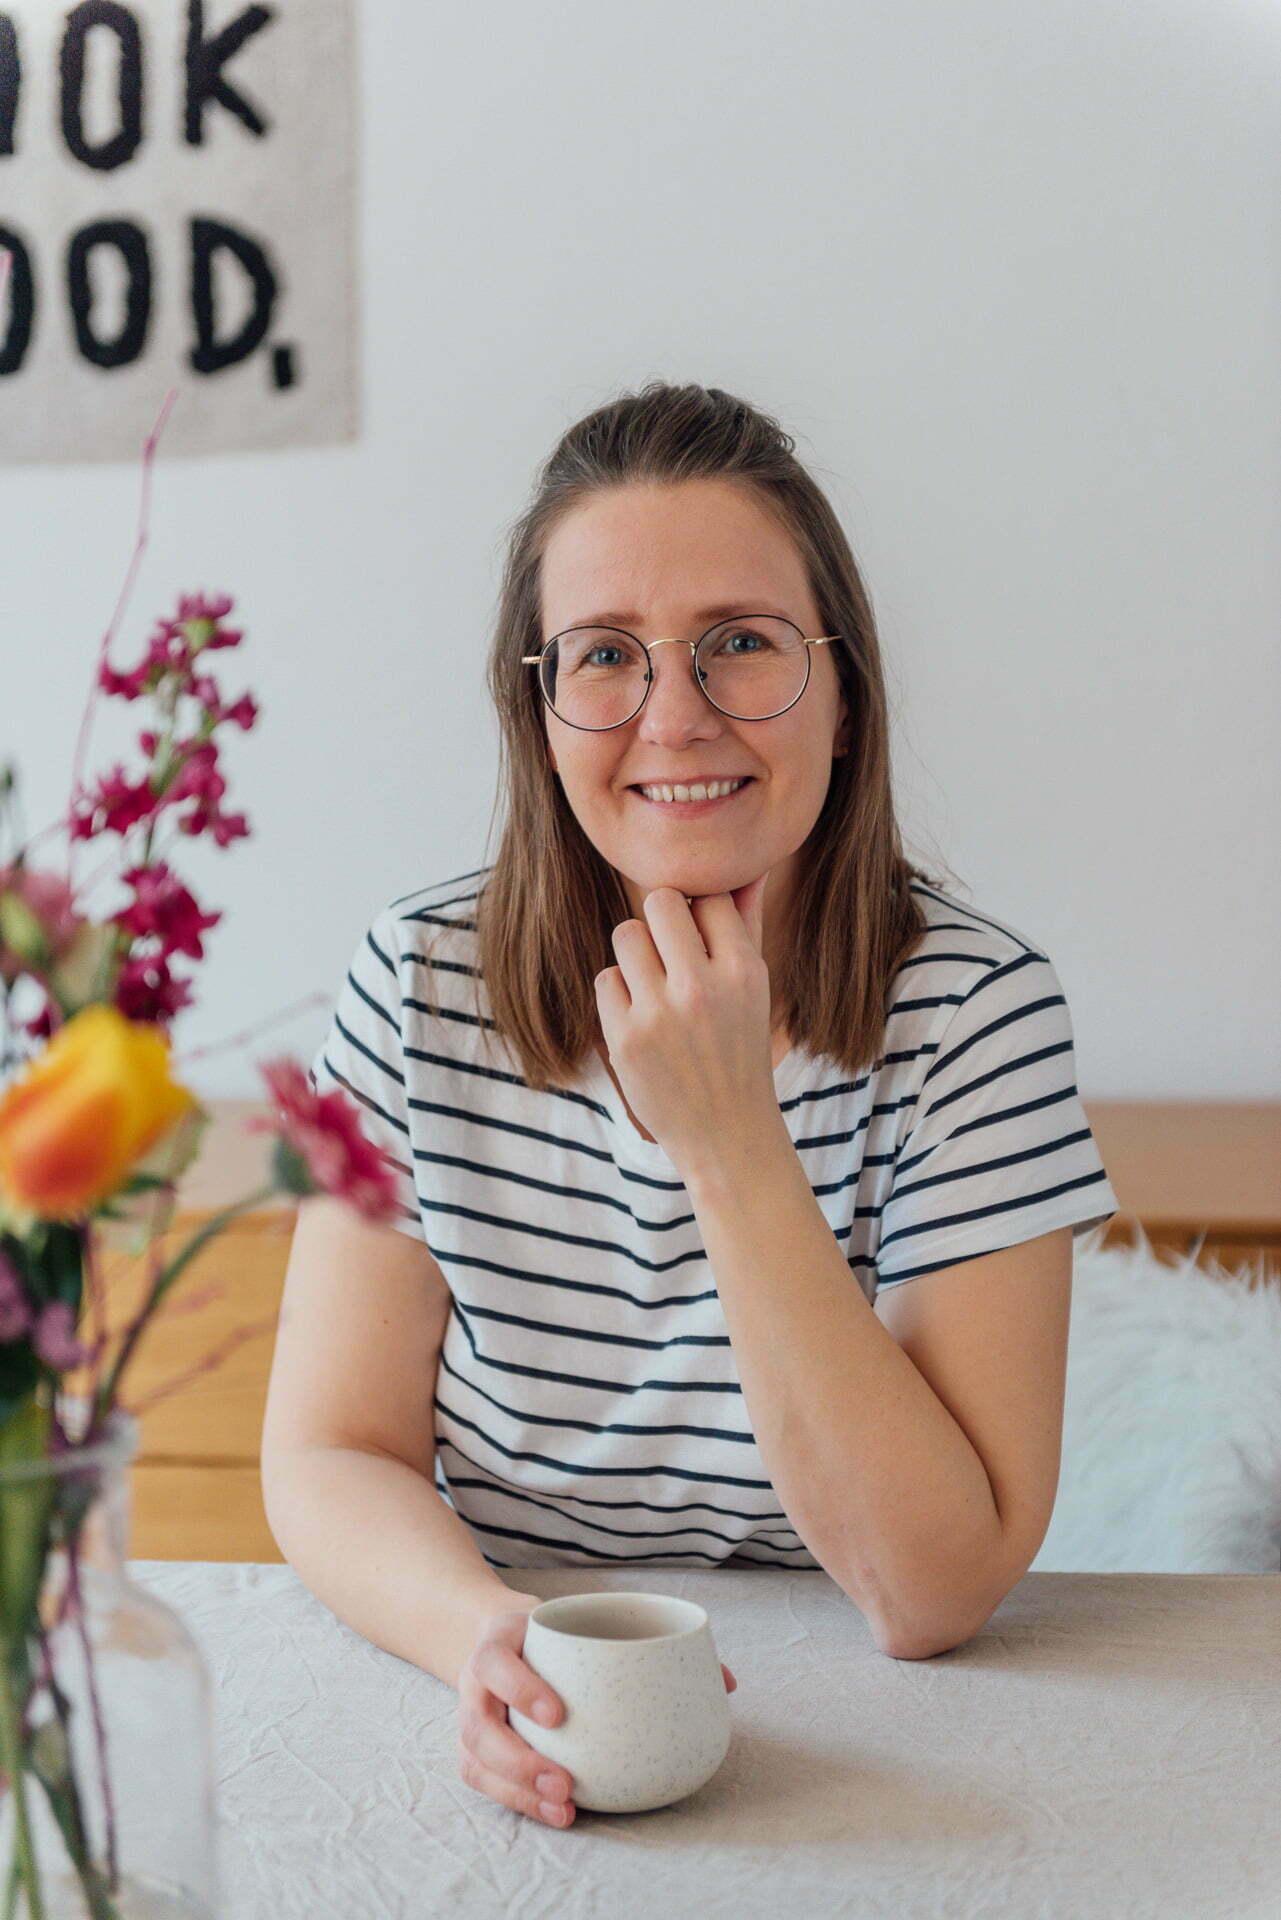 Die Personal Branding Fotografin Mirjam Kilter sitzt mit einer Tasse Kaffee an einem Tisch